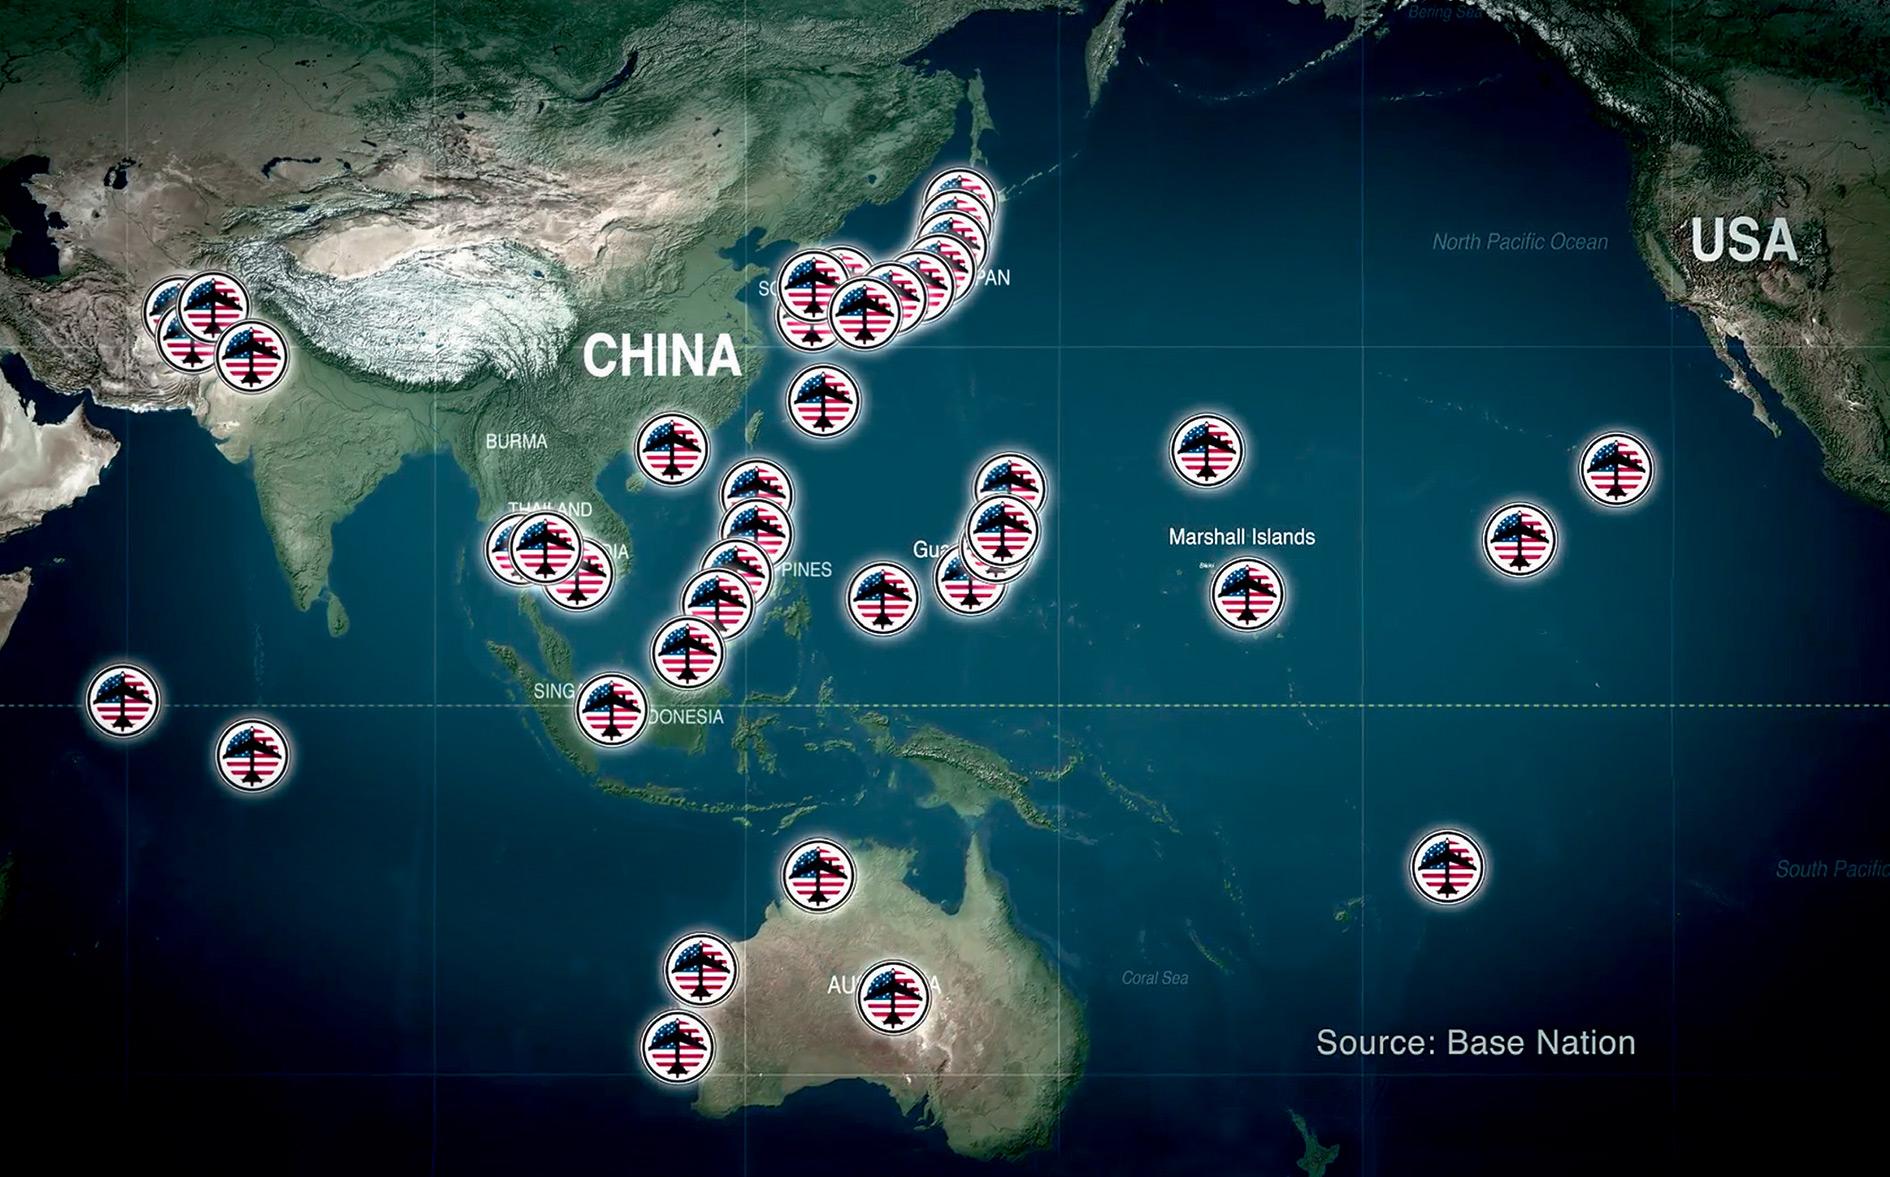 John Pilgerrek 'The Coming War on China' dokumentalean erakusten du nola daukaten AEBek Txina hesi militarrez inguratua. Hedabide nagusiek biderkaturik propagandak sinetsarazten duen arren Txina ari dela halako hedatze bat egiten Ozeano Barearen hego alde